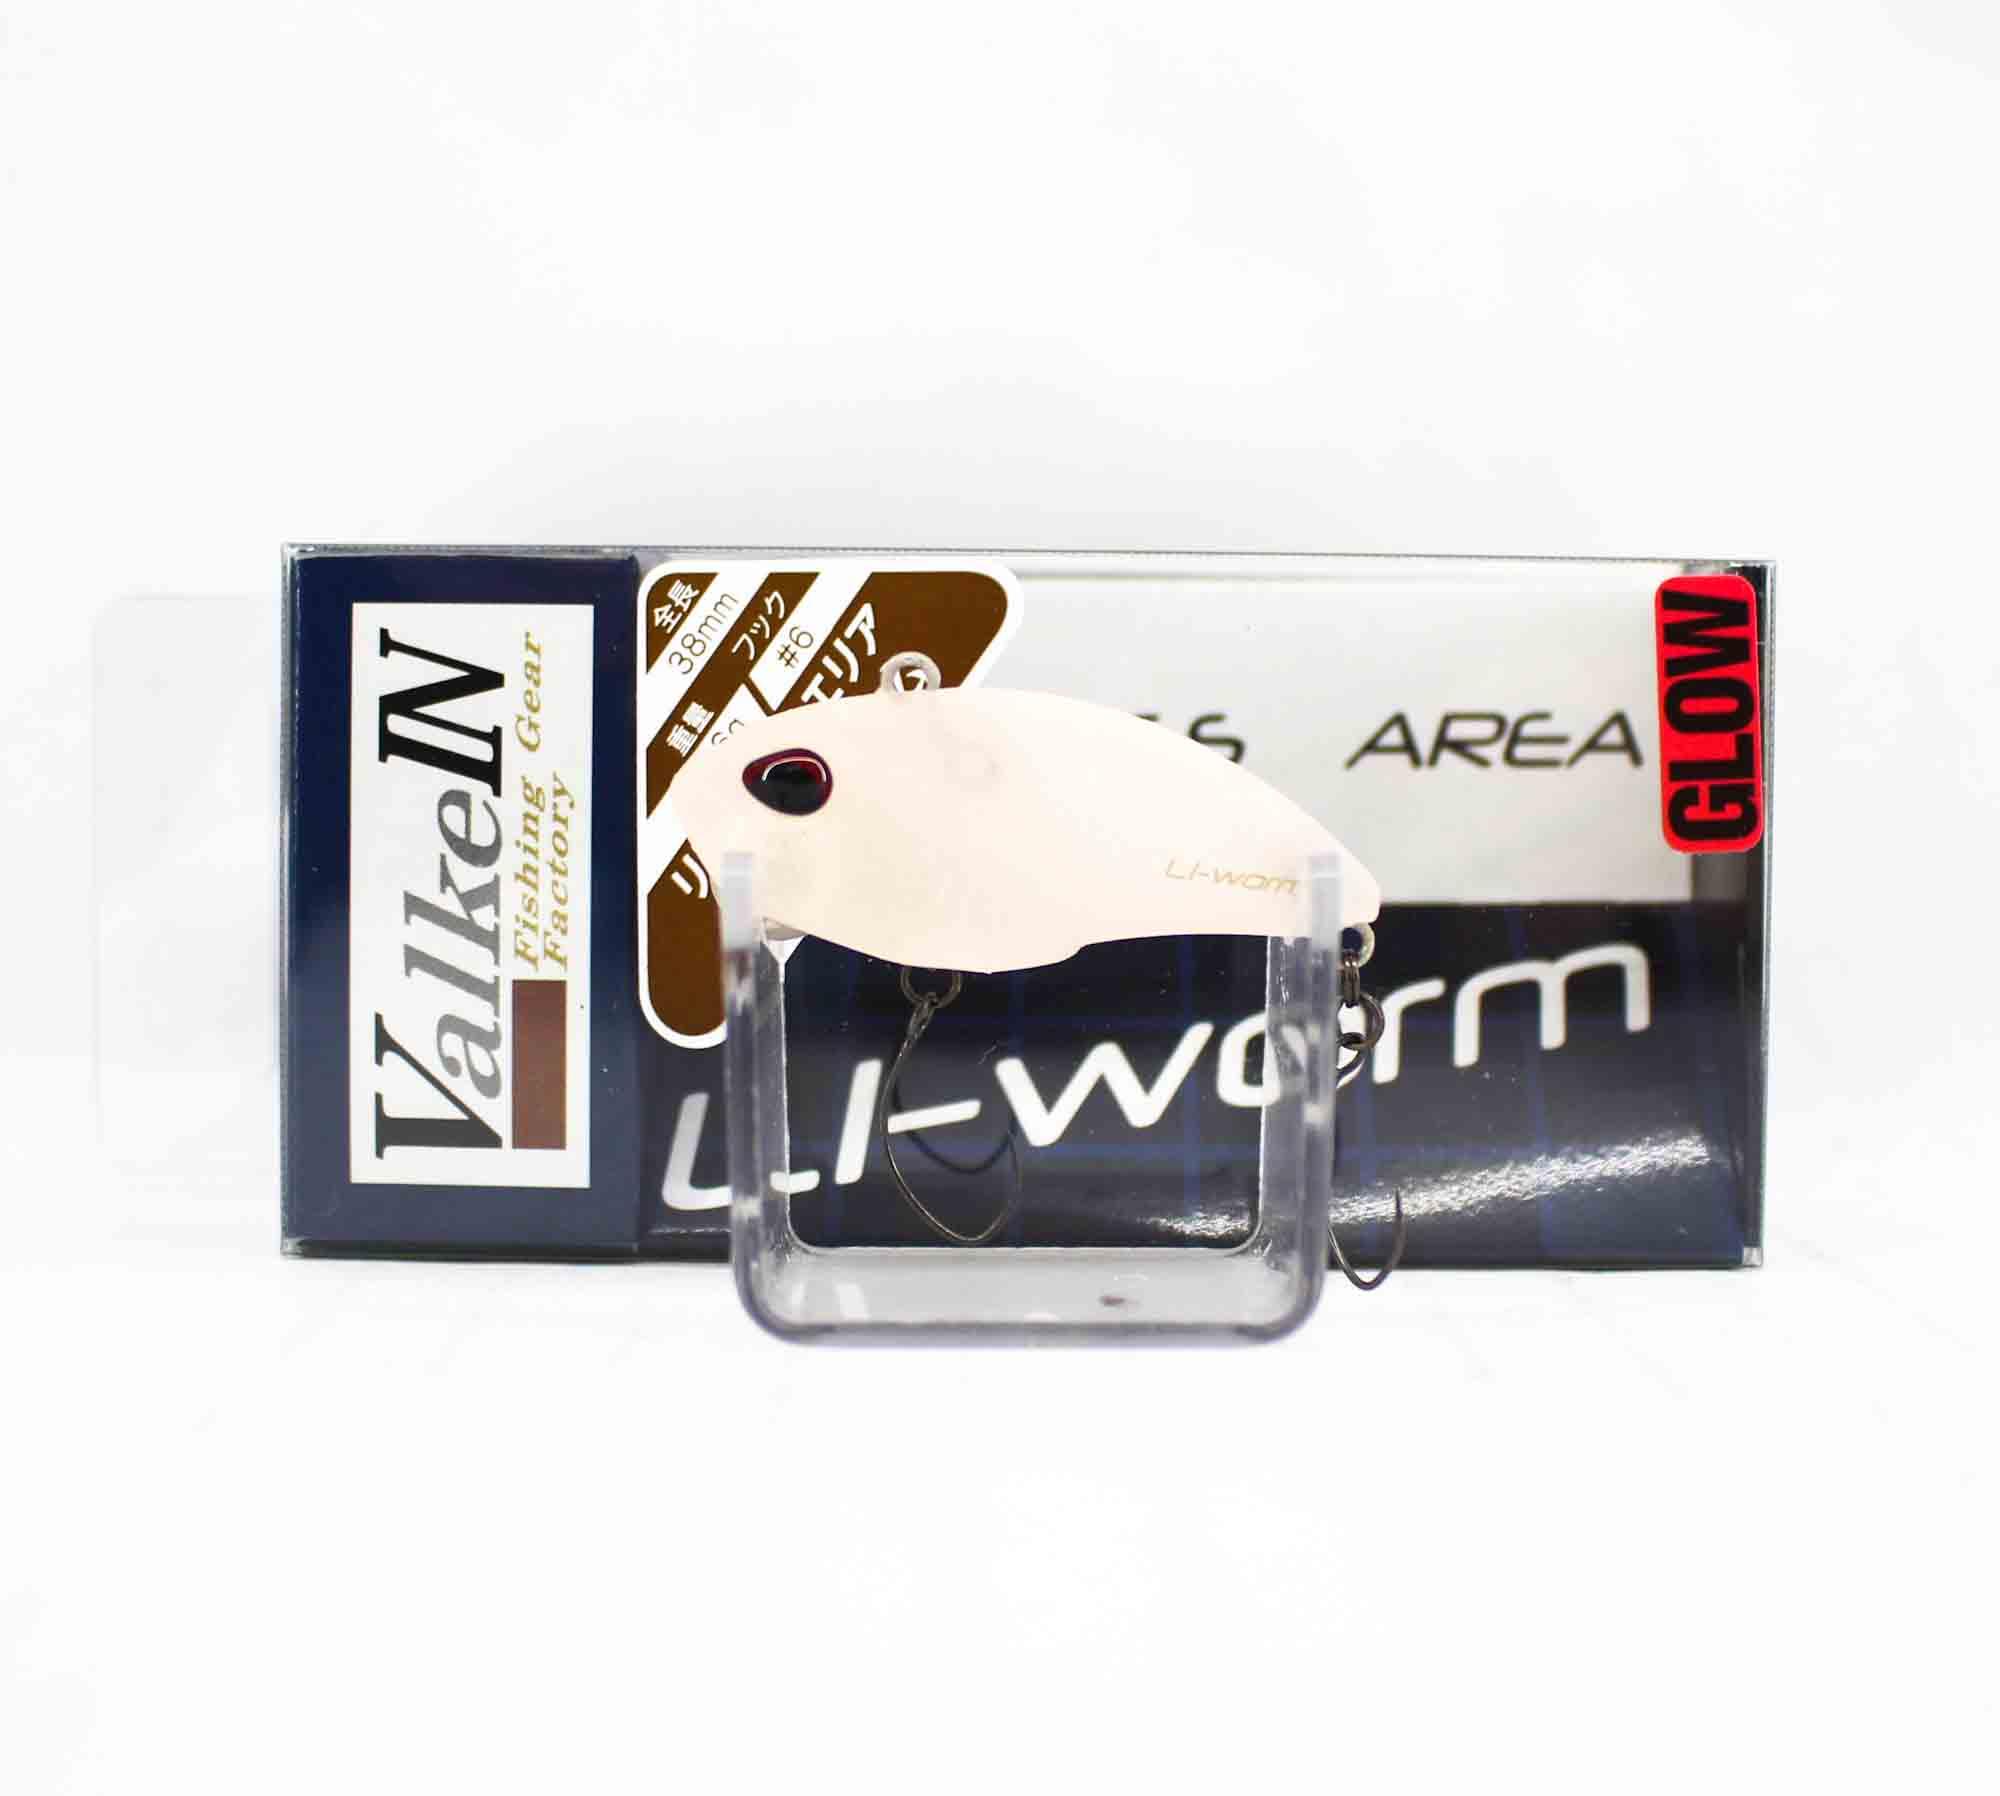 Valkein Li-Worm 38mm 3.6 grams Sinking Lure M047 (5173)